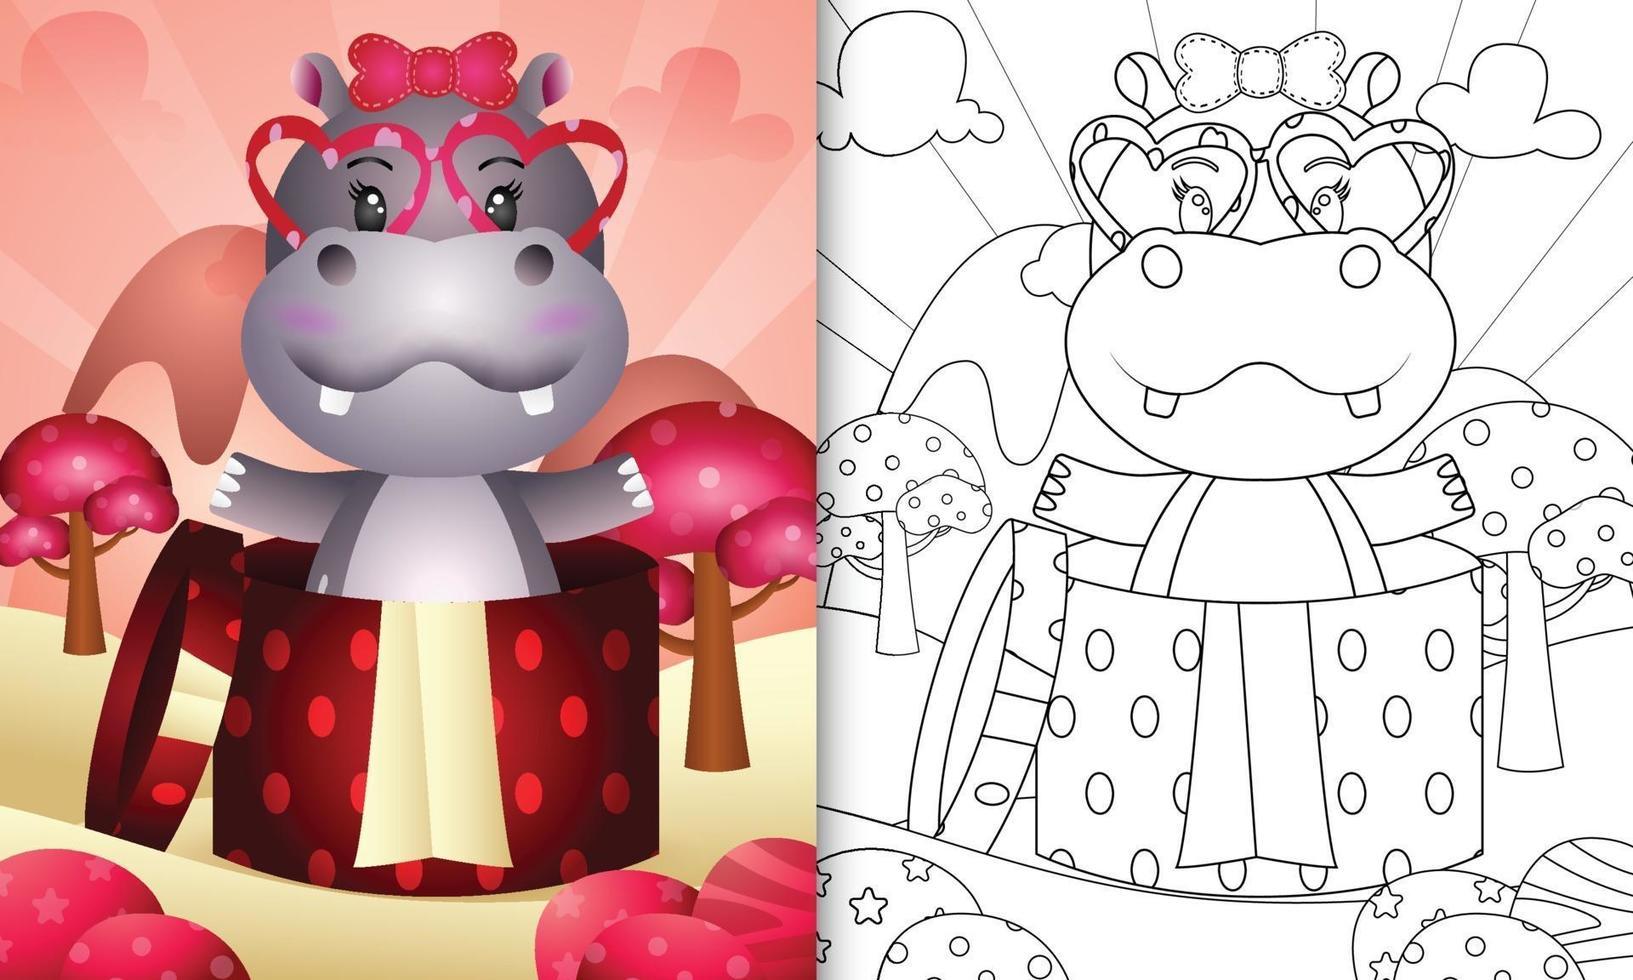 libro da colorare per bambini con un simpatico ippopotamo nella confezione regalo per San Valentino vettore